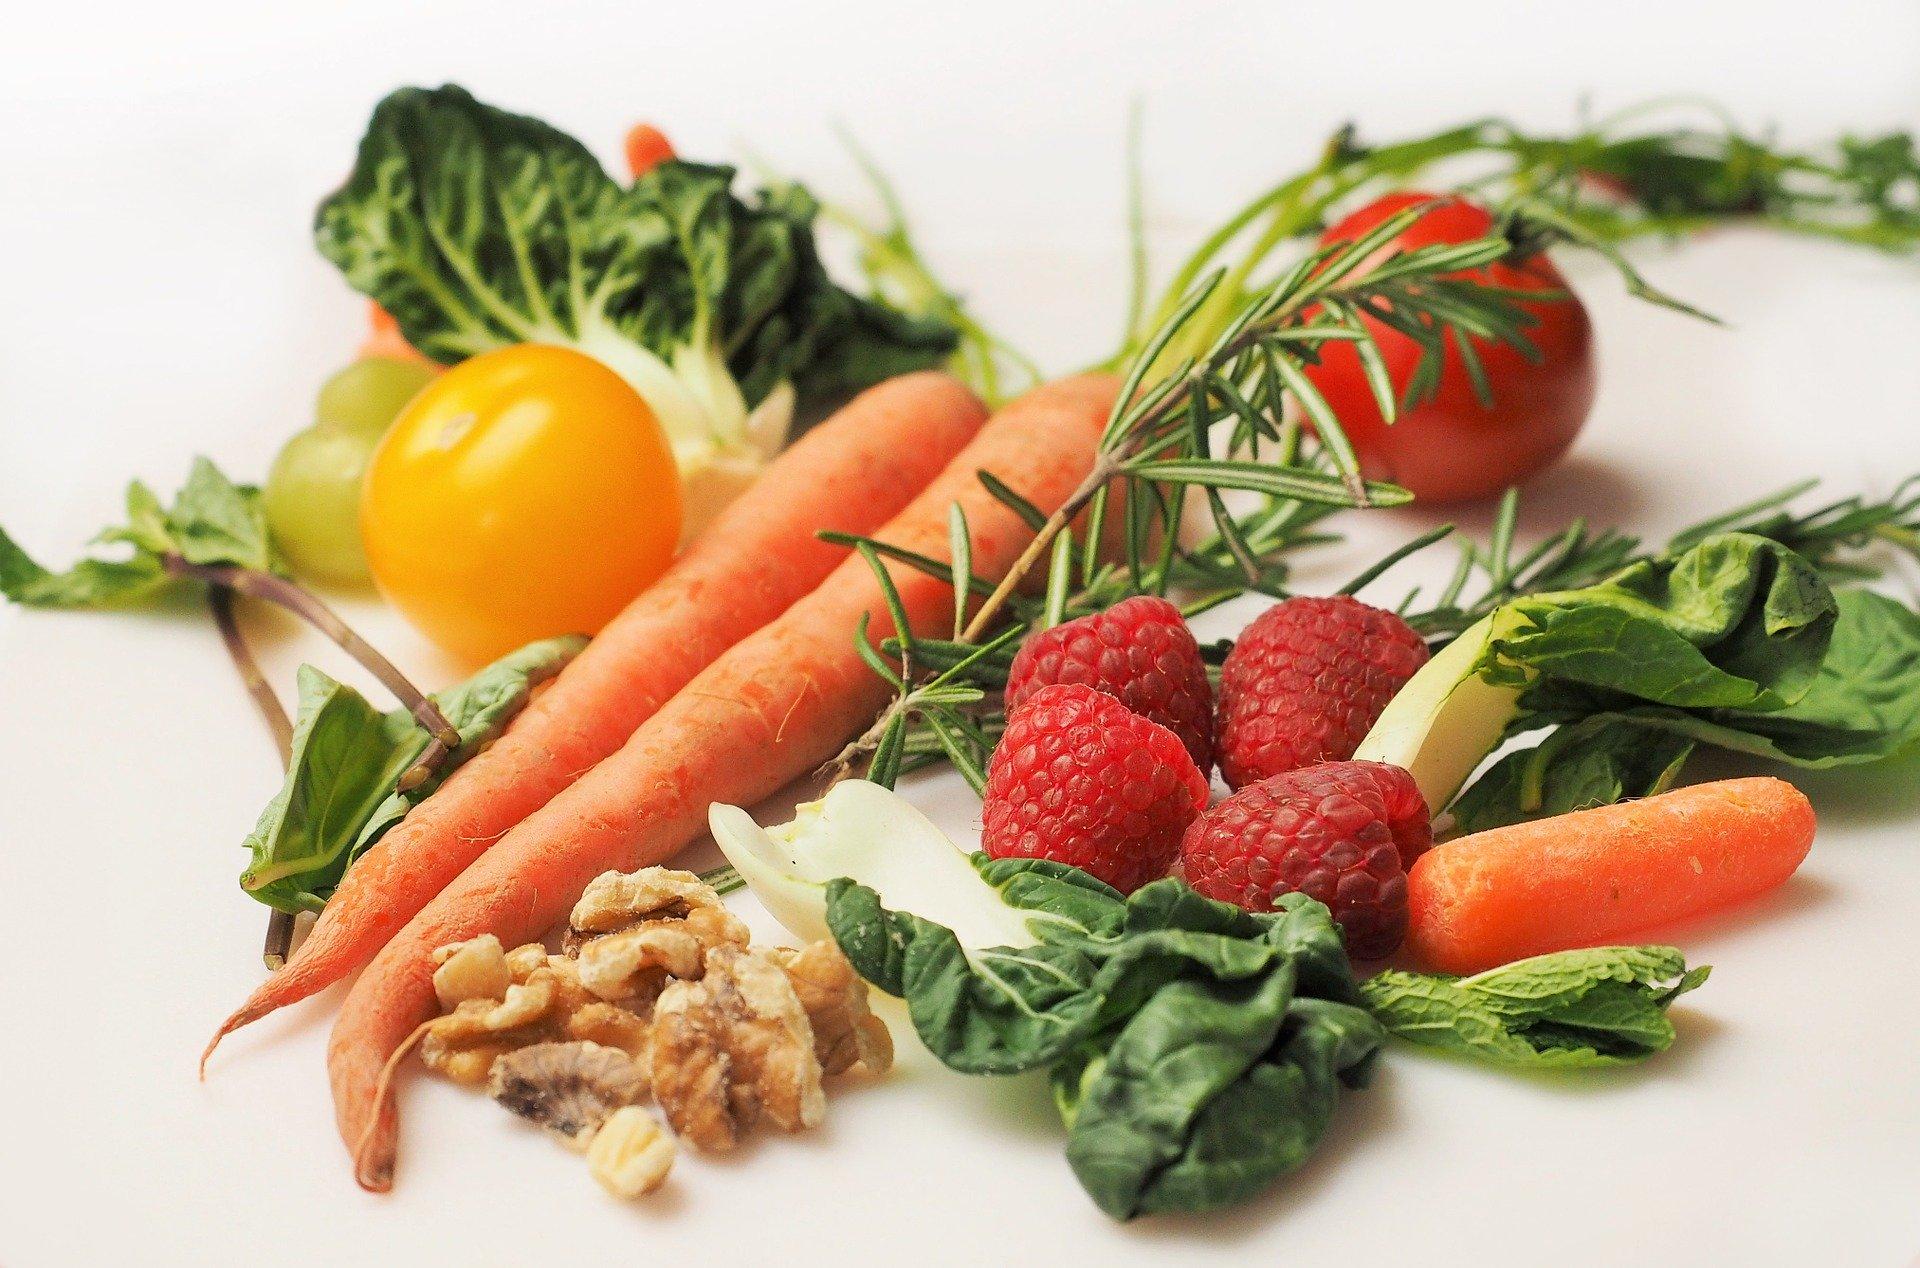 Vitamina k – A Vitamina Essencial para a sua Saúde